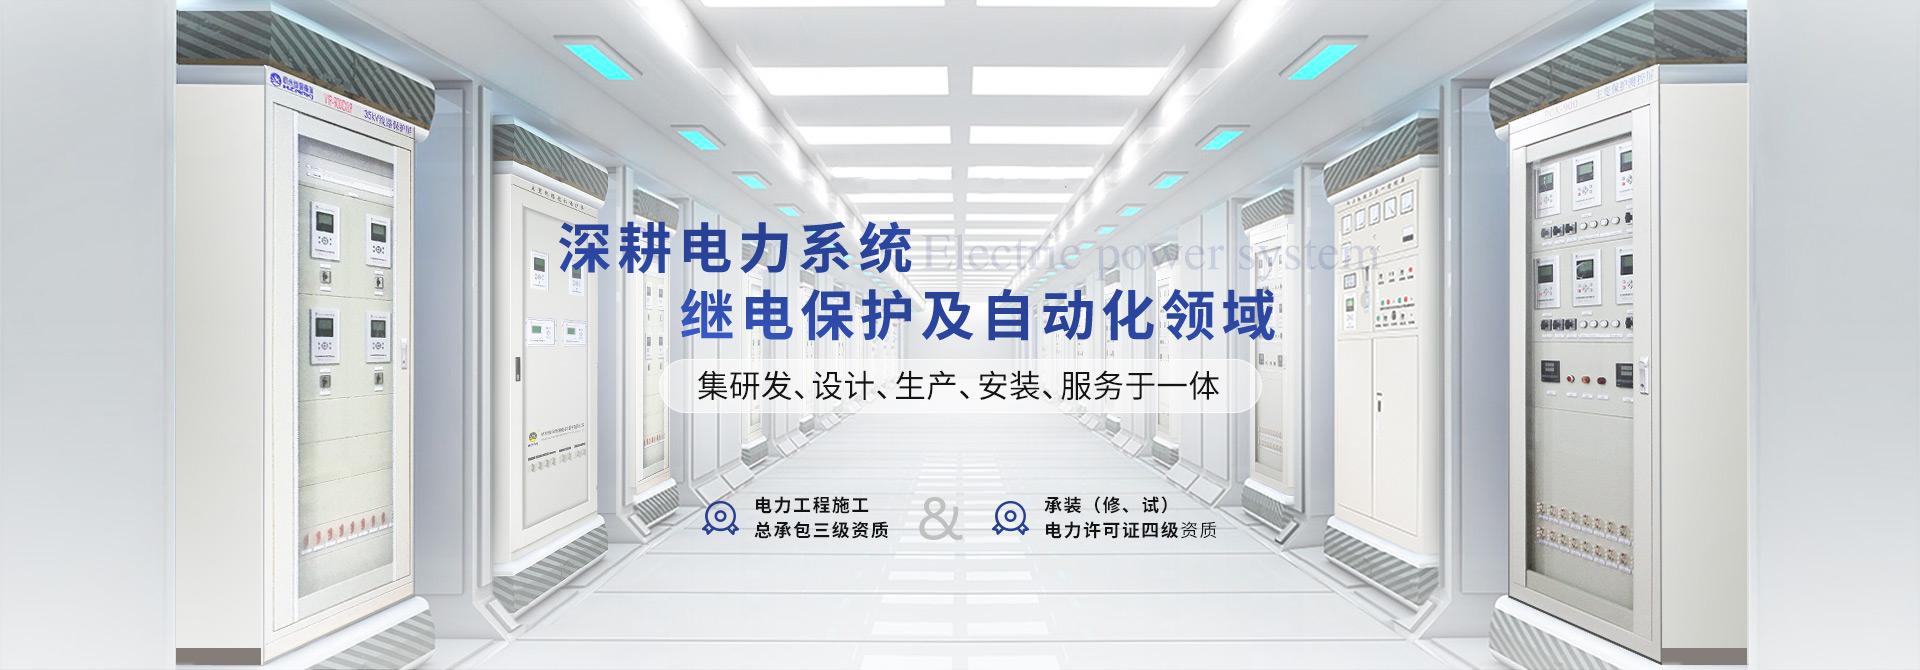 杭州继保南瑞深耕电力系统、微机保护保护装置及自动化领域